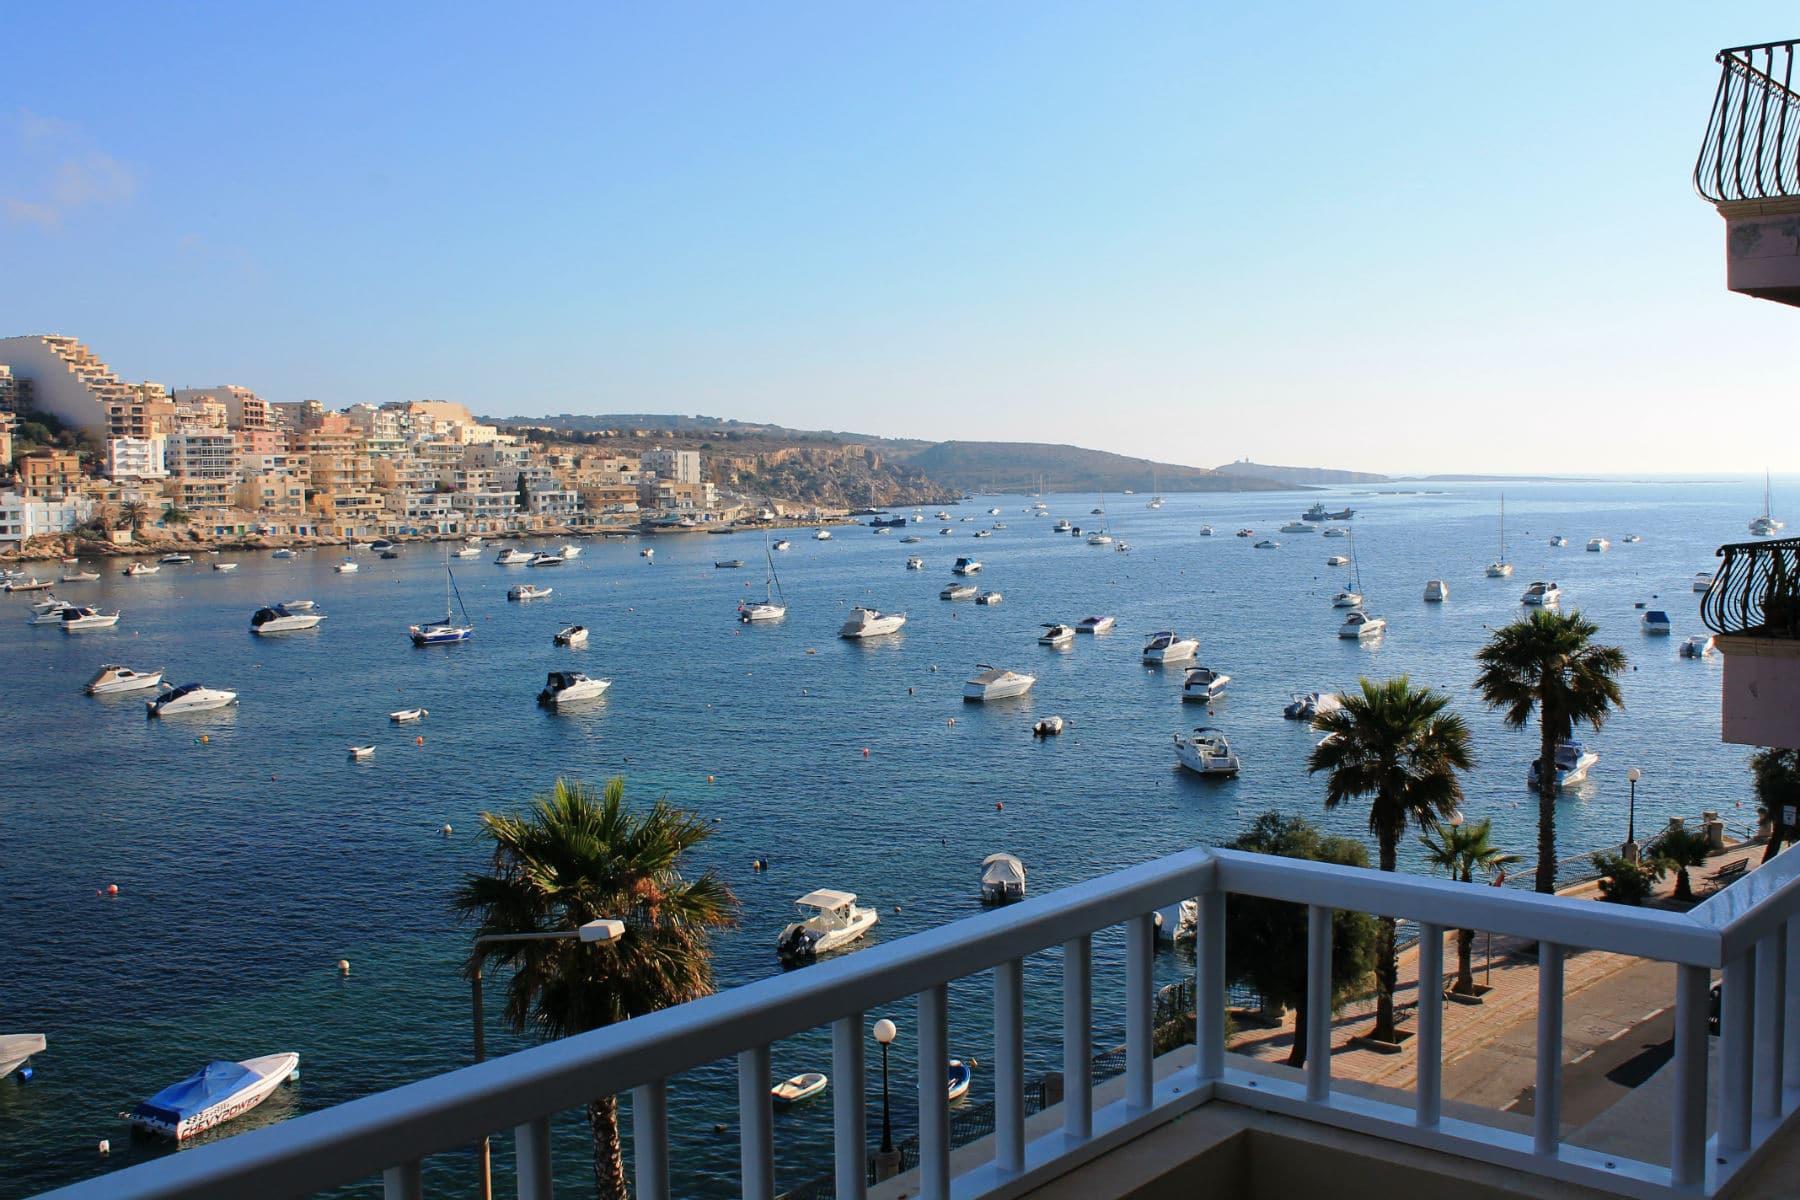 appartement de vacances, indépendant avec terrasse front de mer